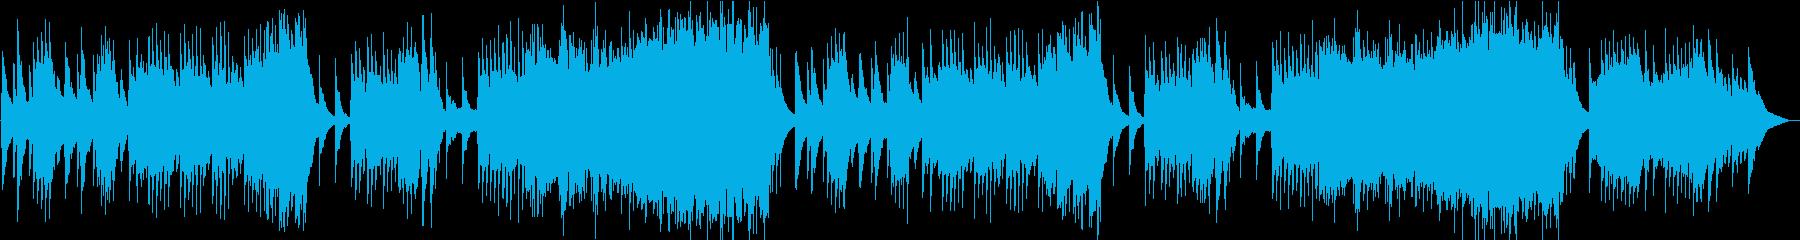 アイネクライネ オルゴールオーケストラの再生済みの波形